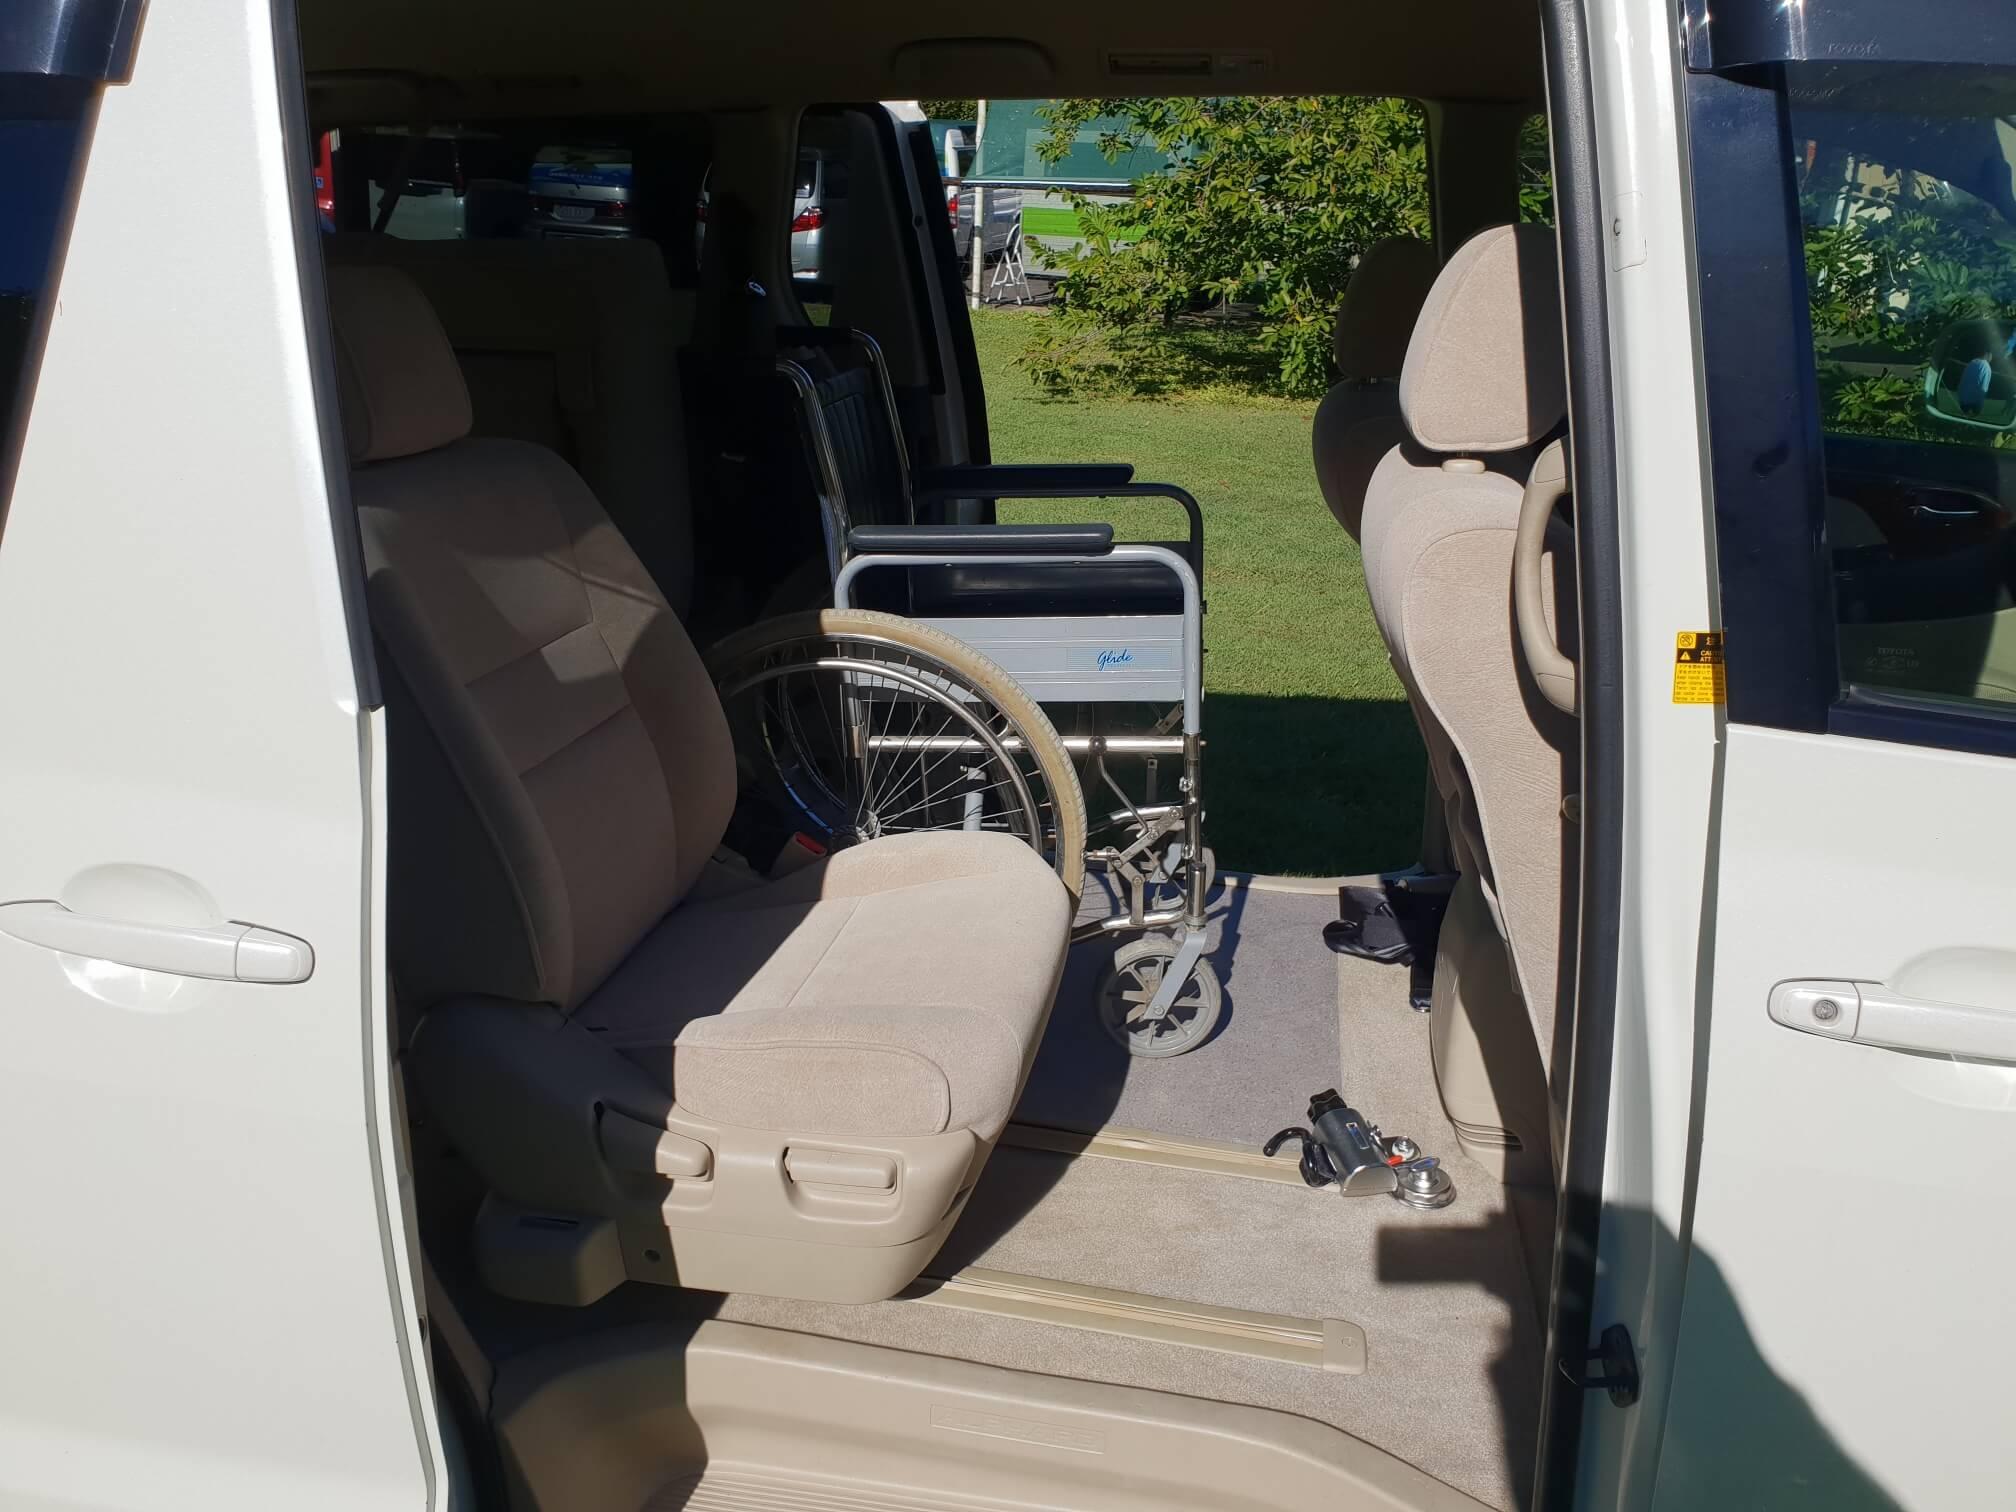 alphard-wheelchair-passenger.jpg